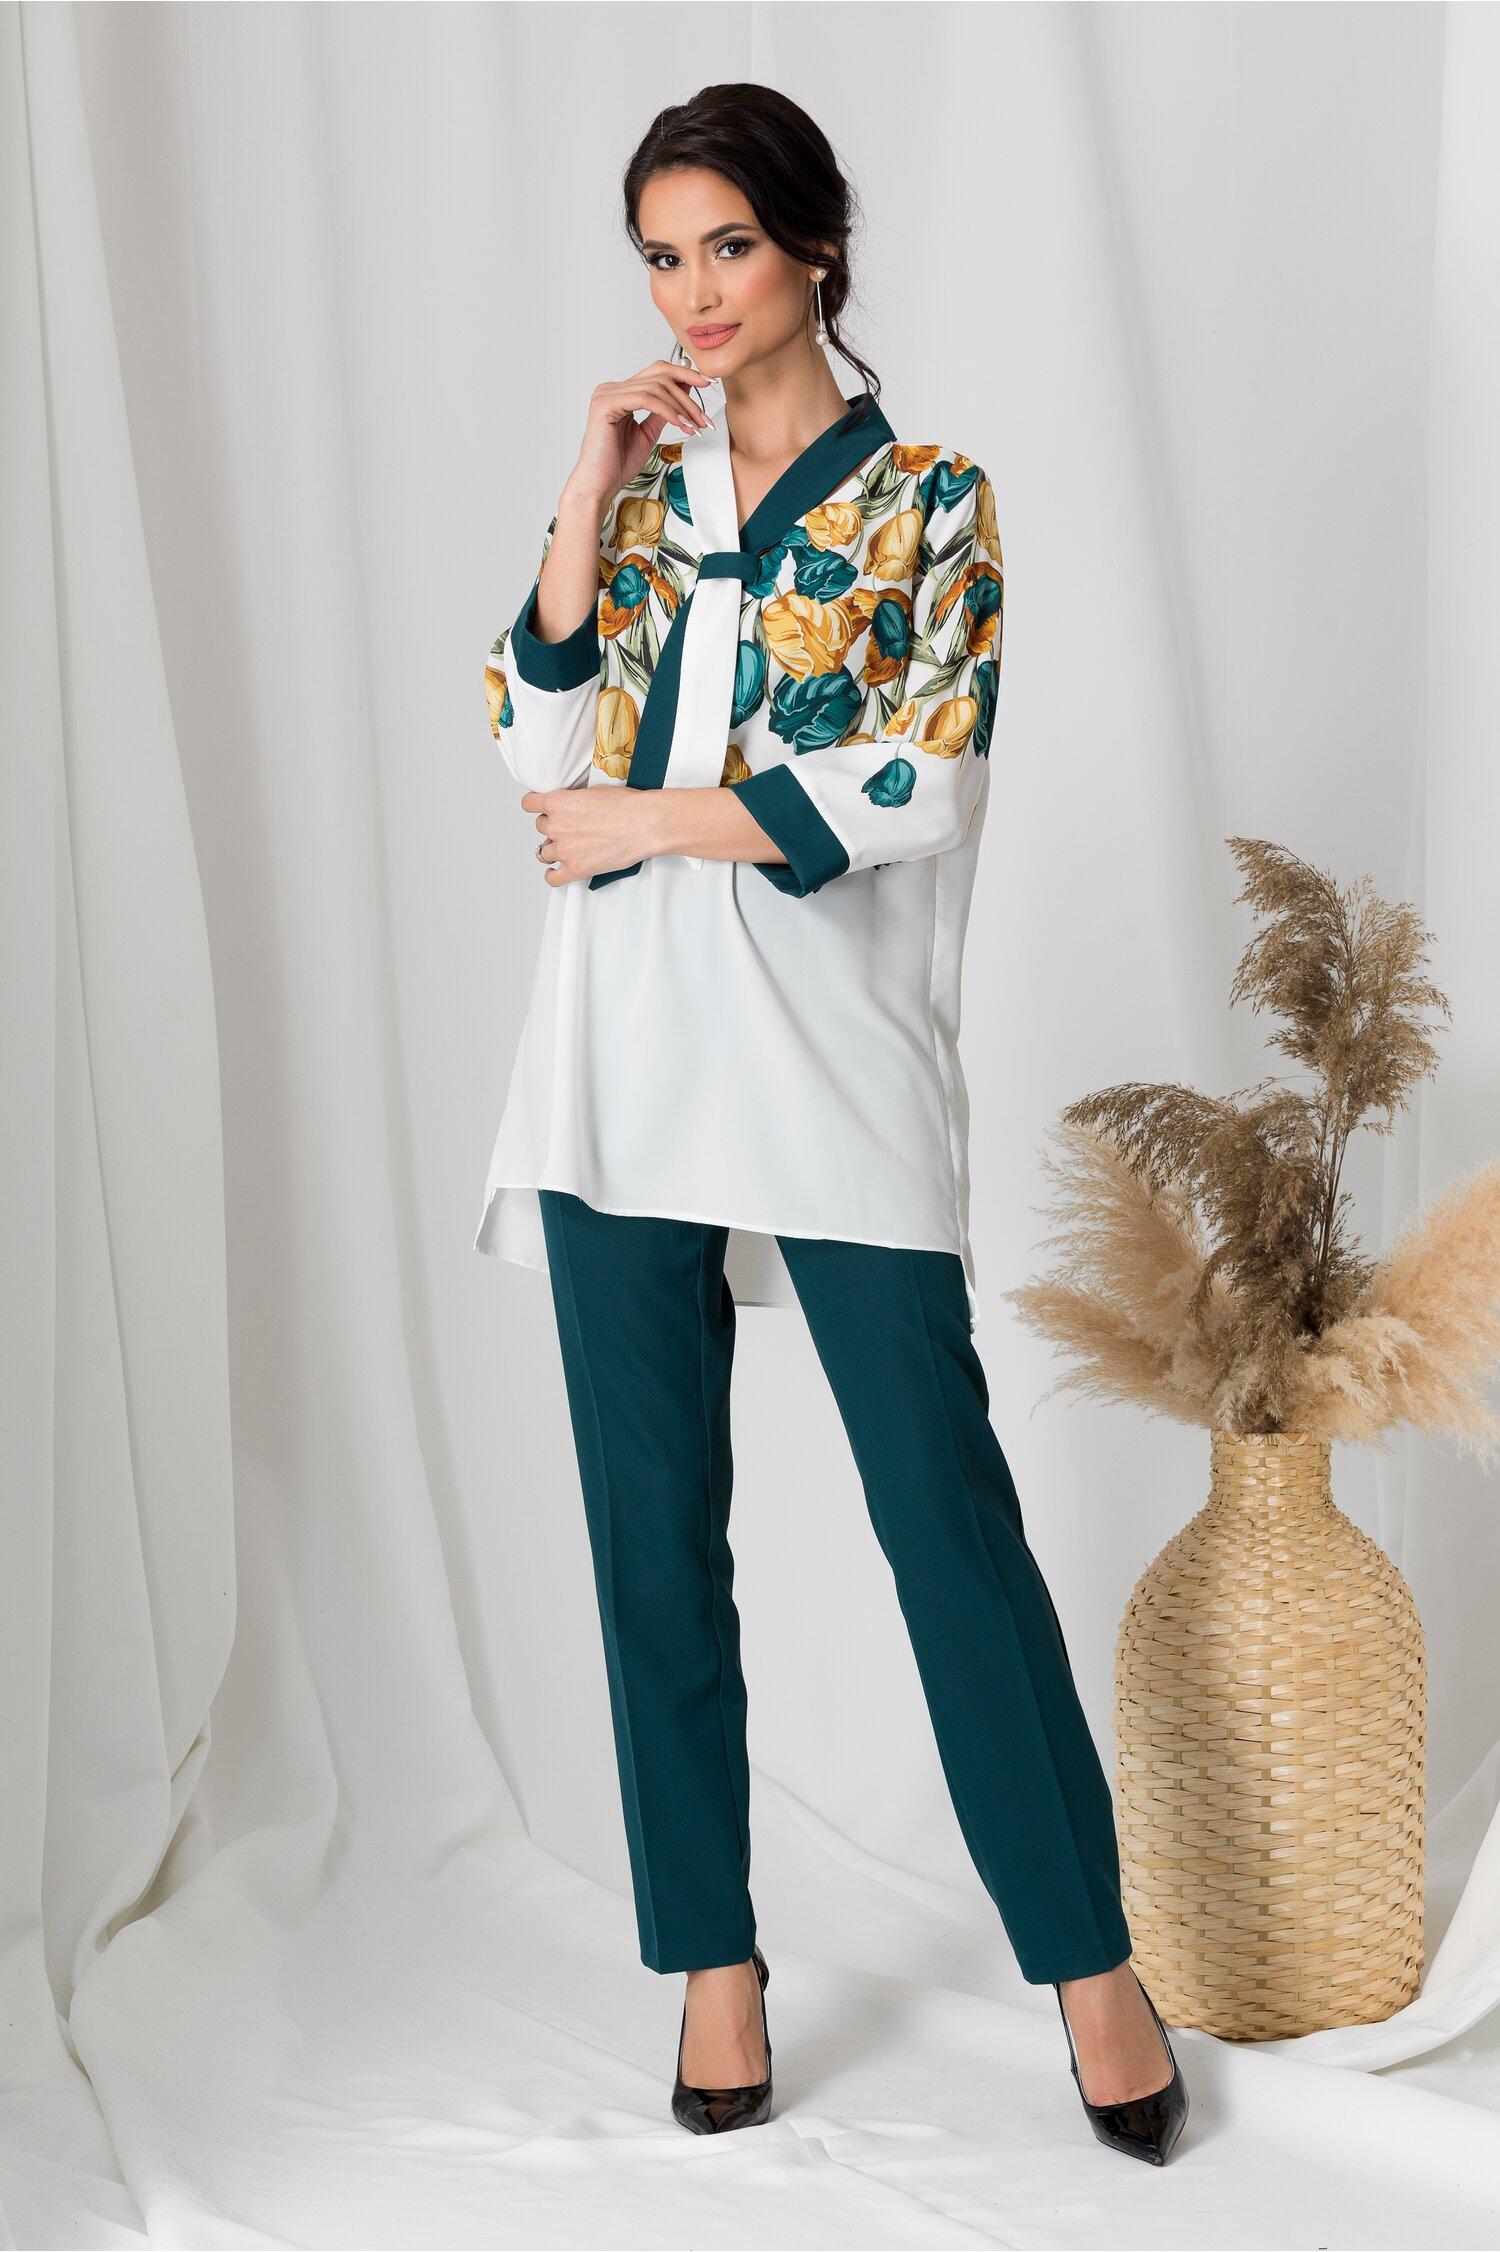 Compleu dama cu pantaloni verzi si bluza alba cu flori galbene